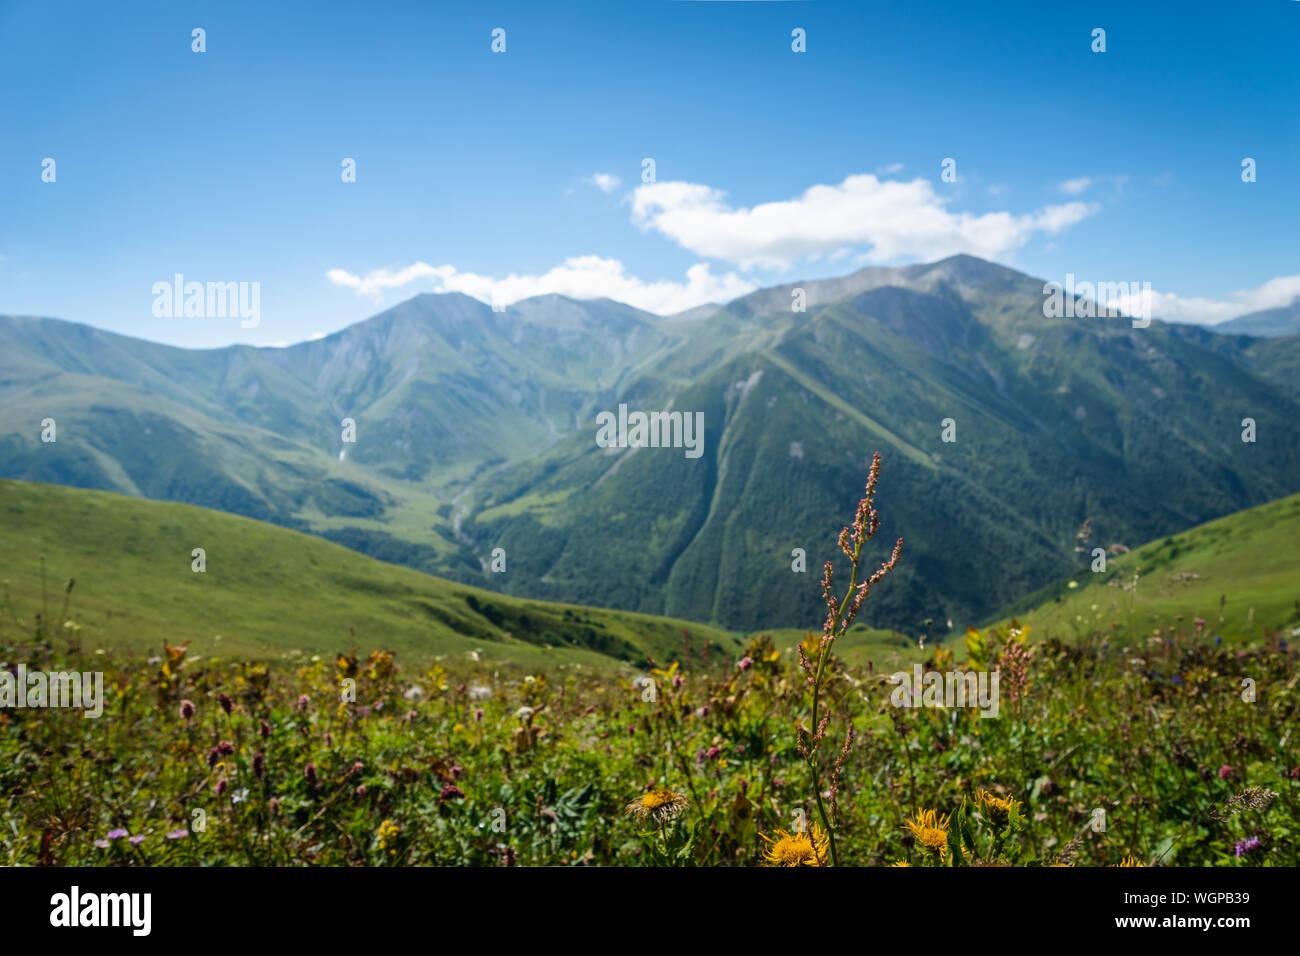 Paysage avec des montagnes de Svaneti sur le trekking et randonnées à vélo près de Mestia village dans la région de Svaneti, Georgia. Banque D'Images